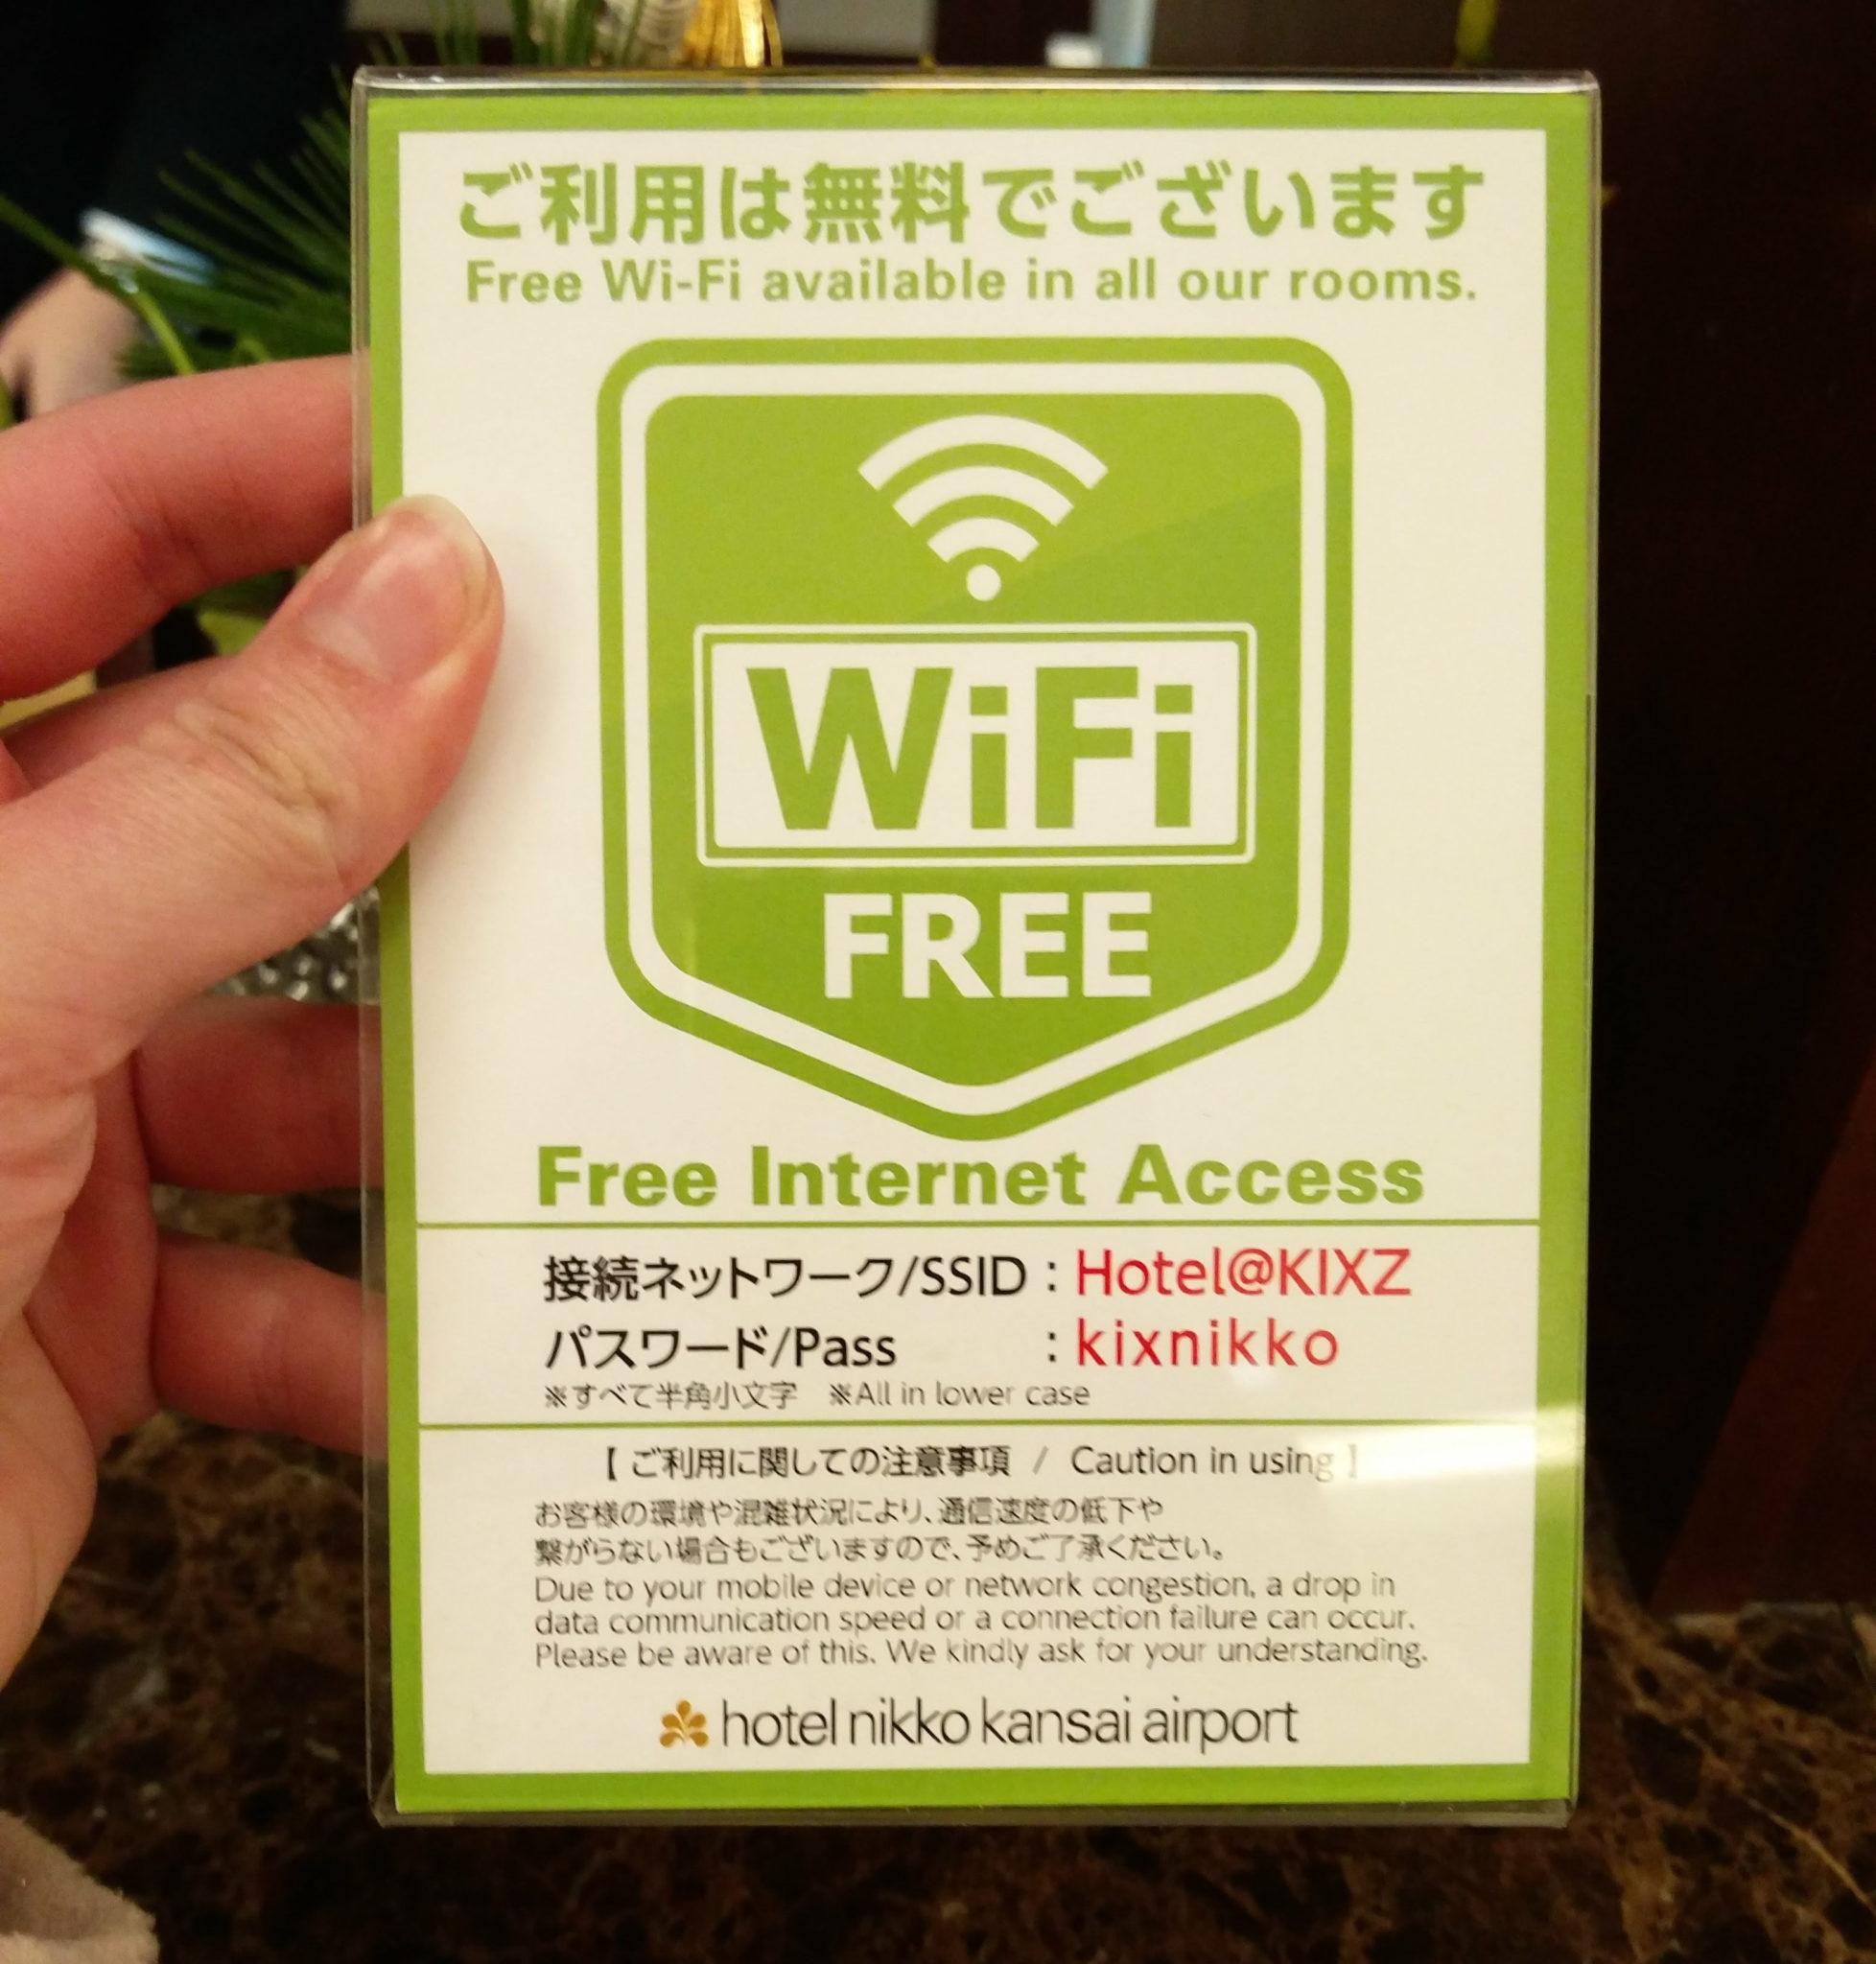 Free WiFi im HOtel / Japan